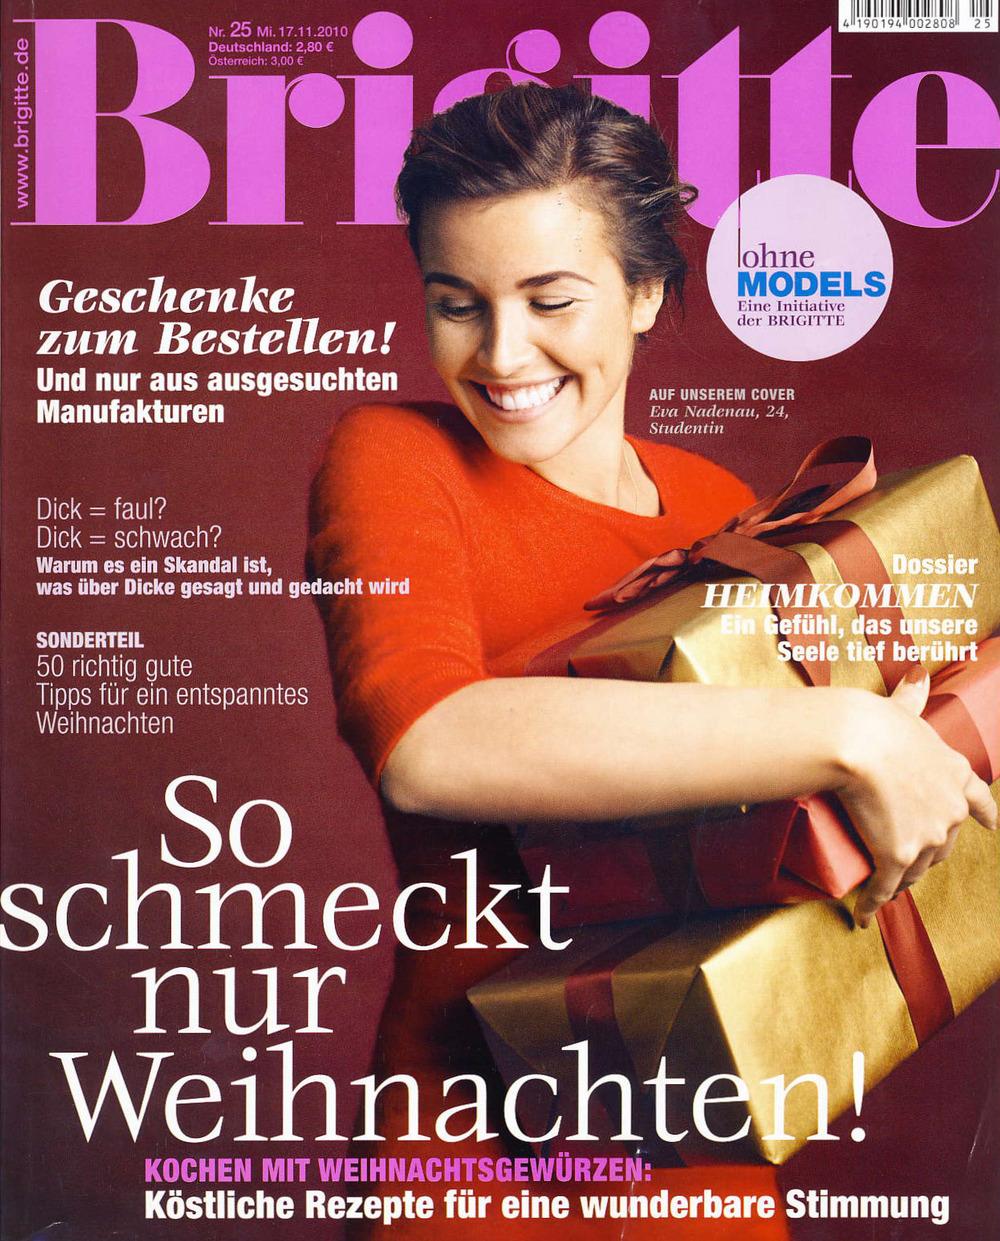 brigitte cover.jpg